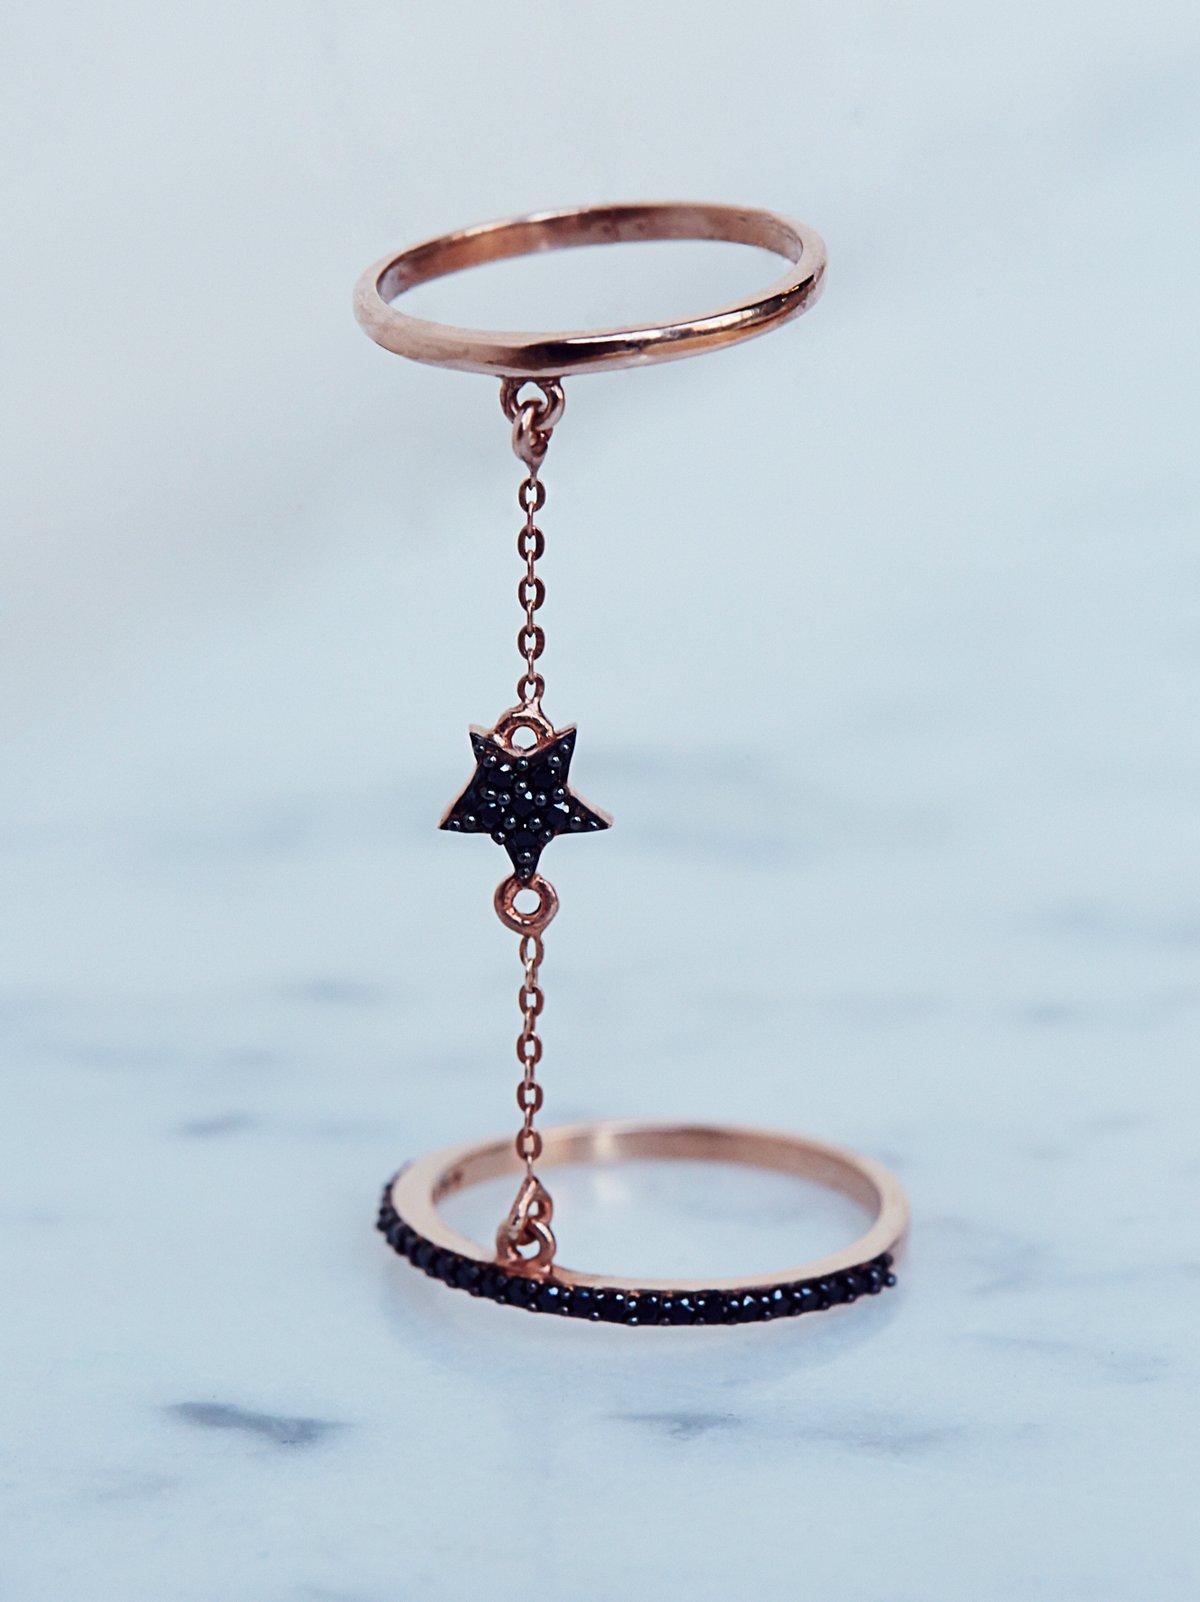 星形双环戒指